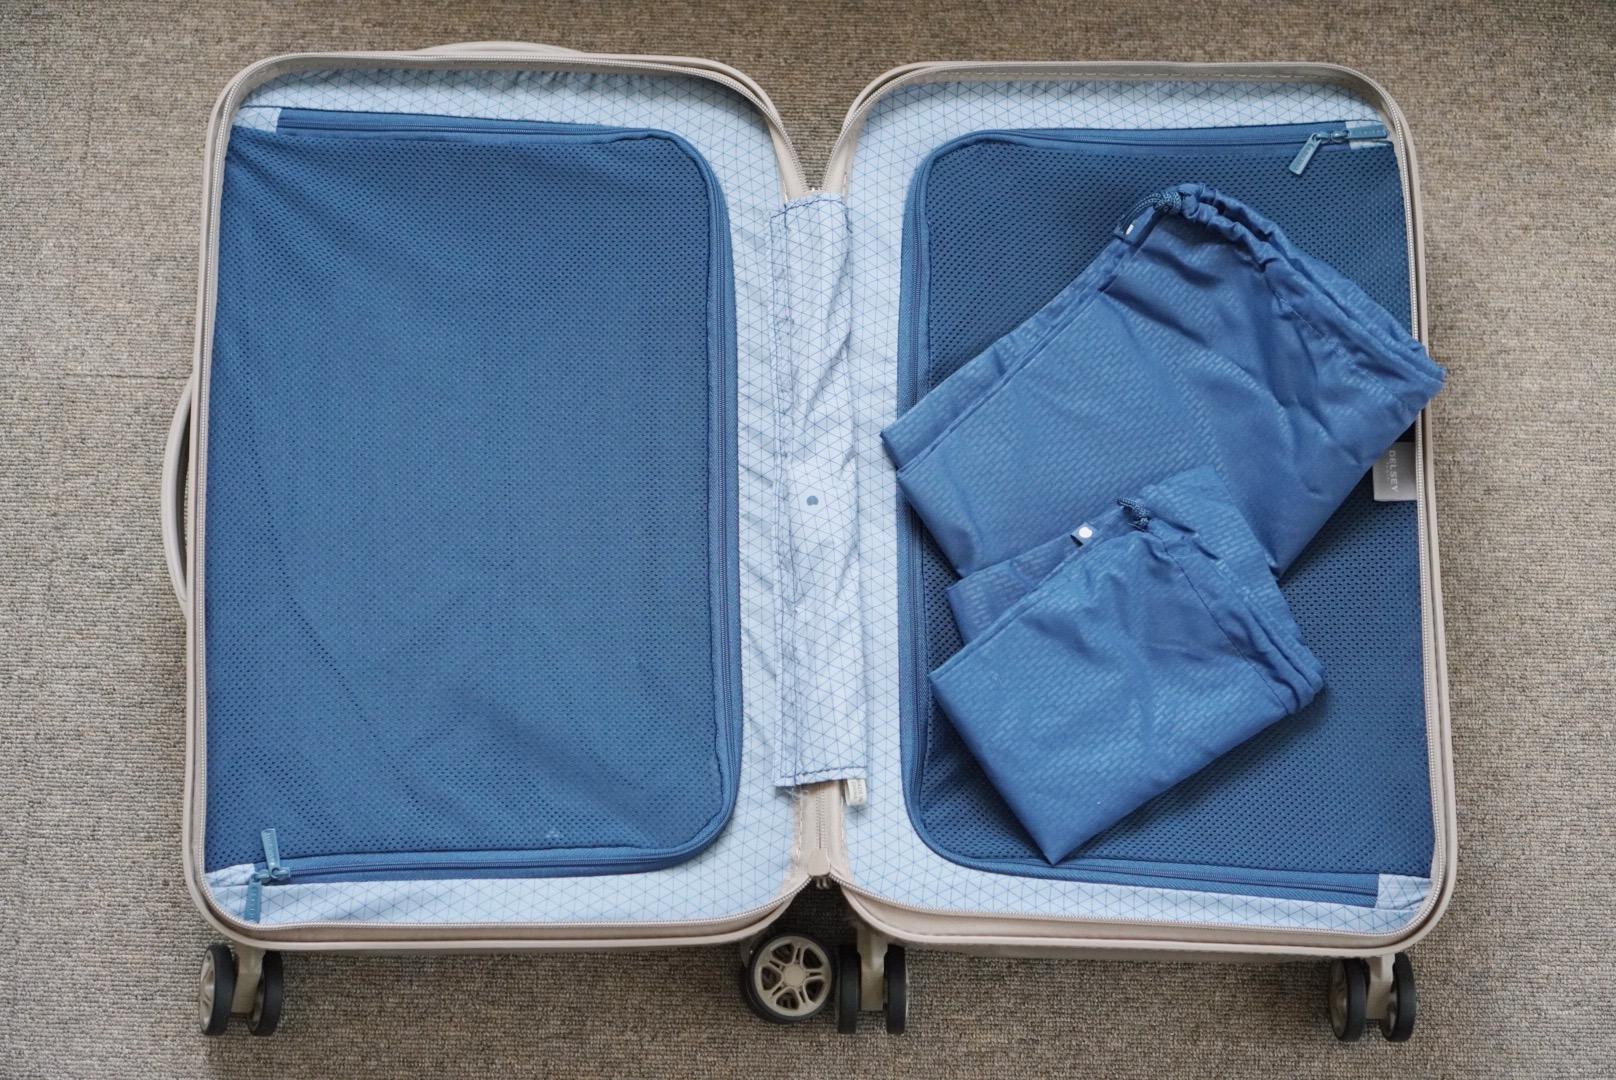 DELSEYのスーツケース/TURENNEの内部